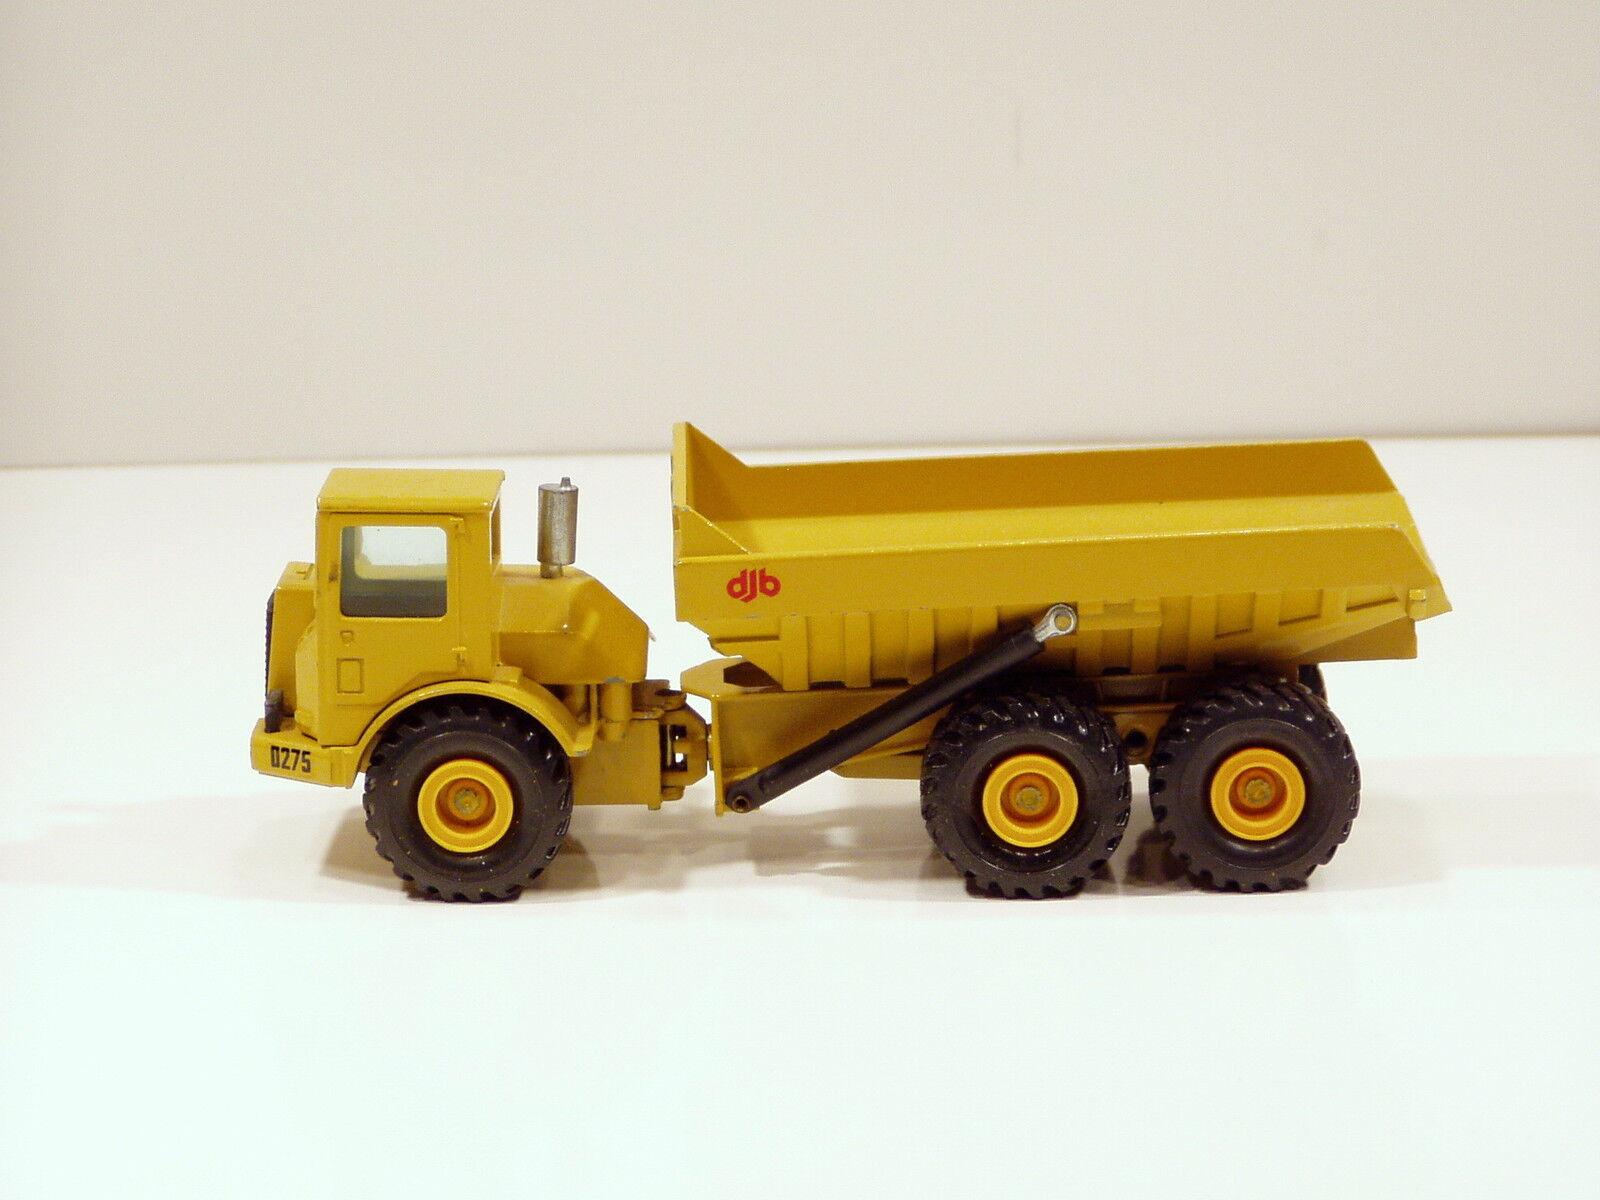 Esperando por ti DJB D275 Camión - 1 50 50 50 - NZG  166 - N. MINT-Sin Caja  entrega rápida